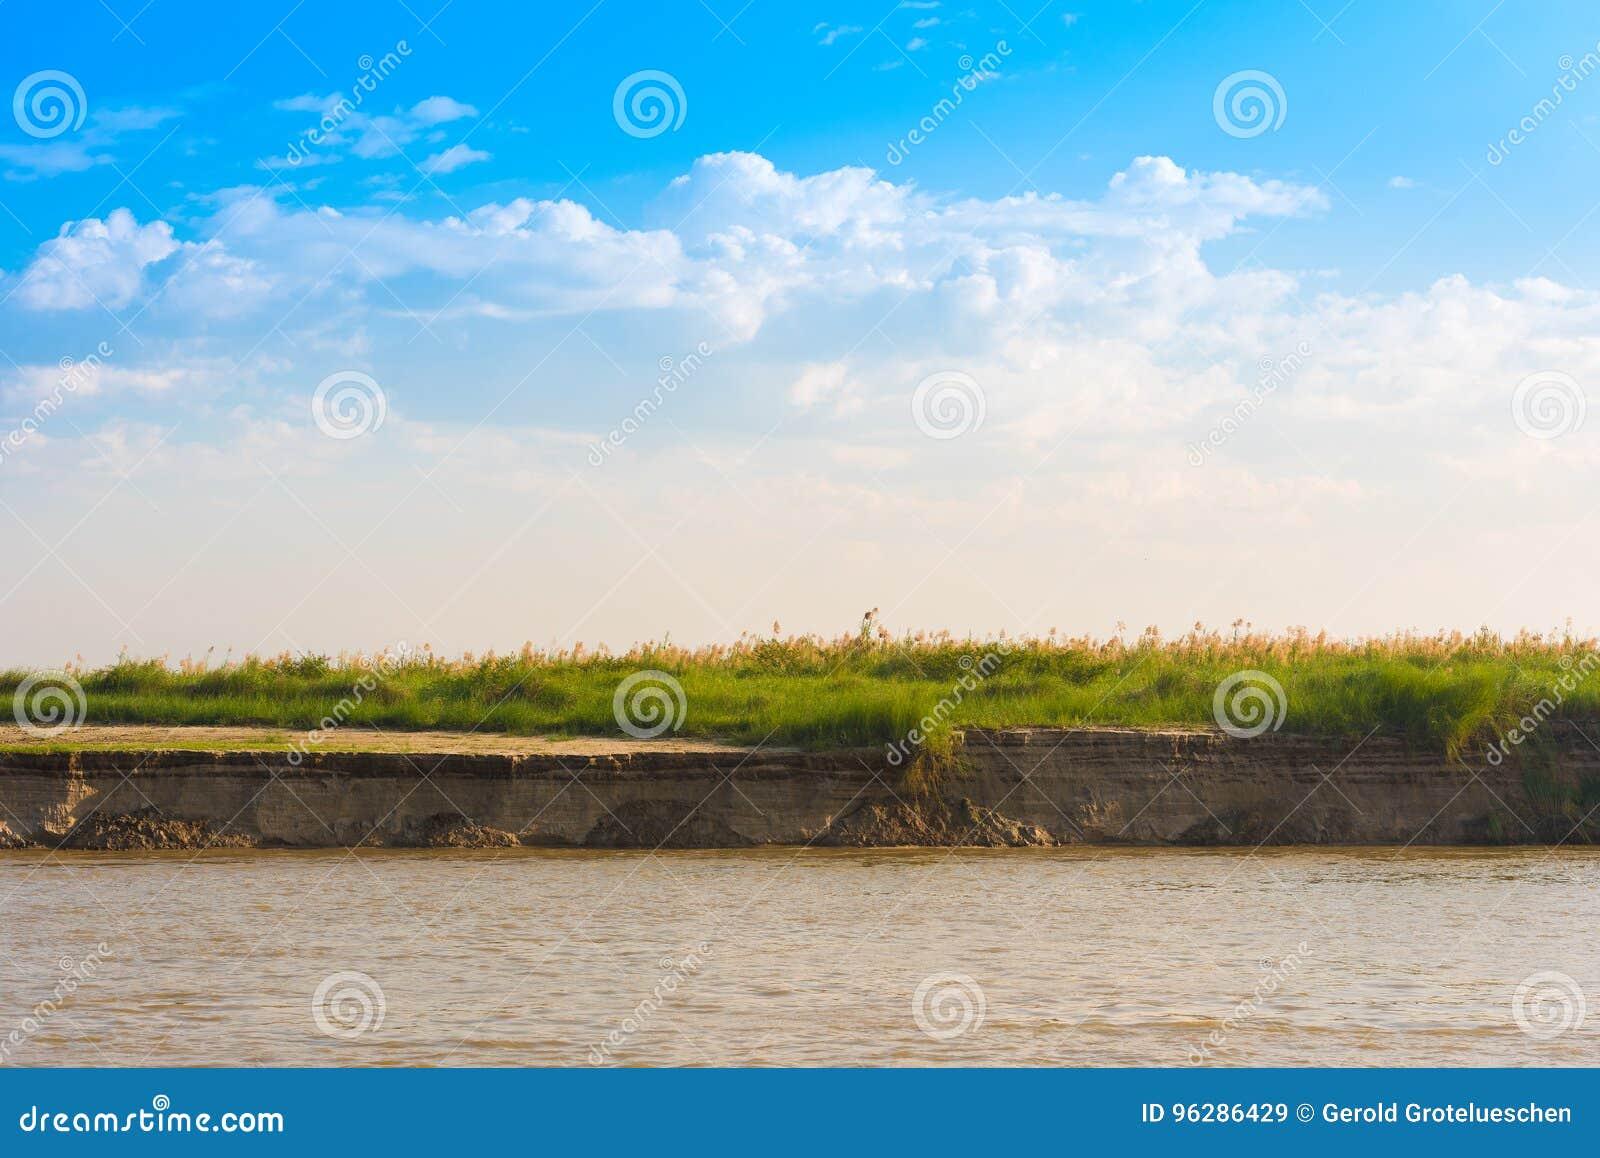 Giunco sul fiume di Irrawaddy, Mandalay, Myanmar, Birmania Copi lo spazio per testo